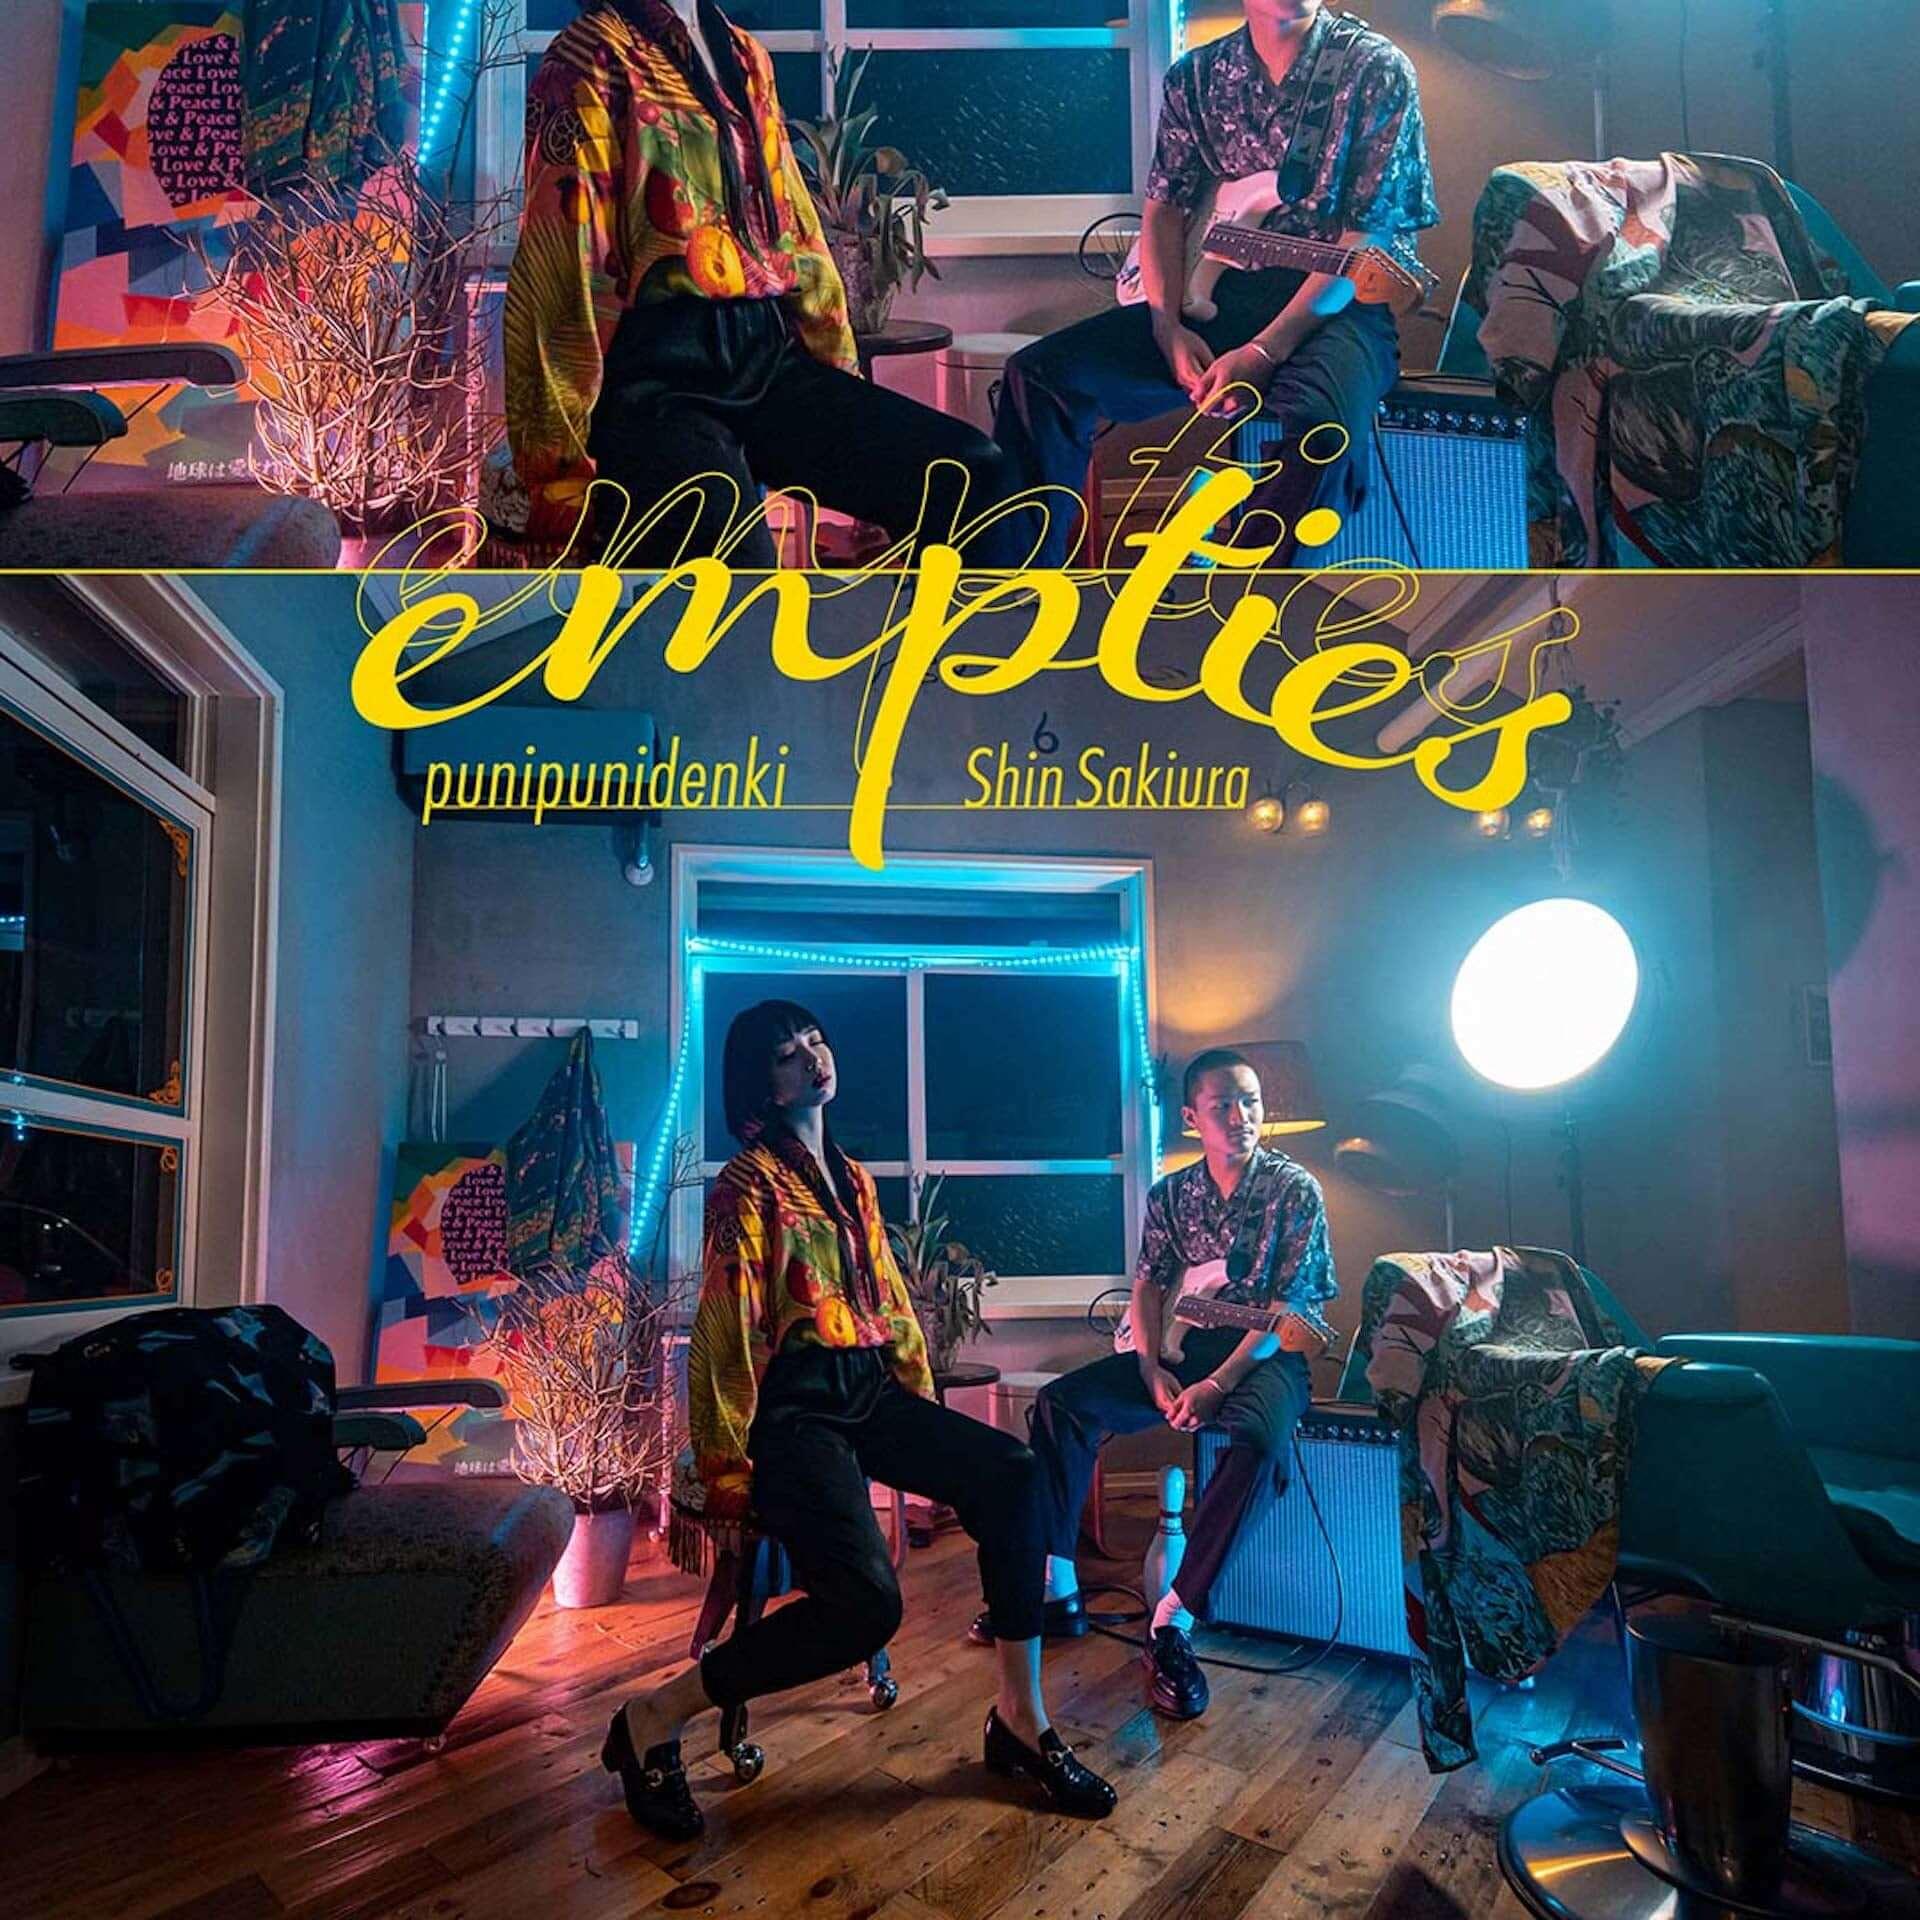 """ぷにぷに電機がShin Sakiuraとのコラボ曲""""empties""""を〈PARK〉からリリース決定!テーマは「真夏の夜の嫉妬と妄想」 music200727_punipunidenki_3-1920x1920"""